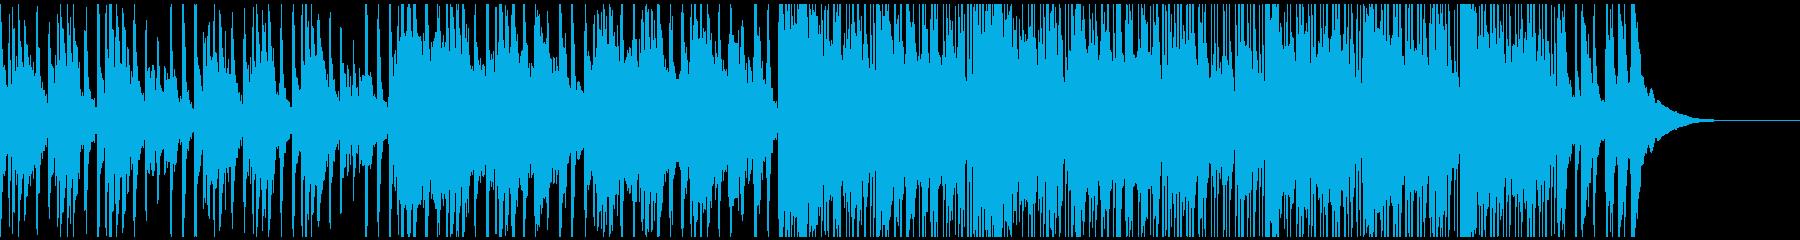 和楽器のみを使用したかっこいいBGMの再生済みの波形